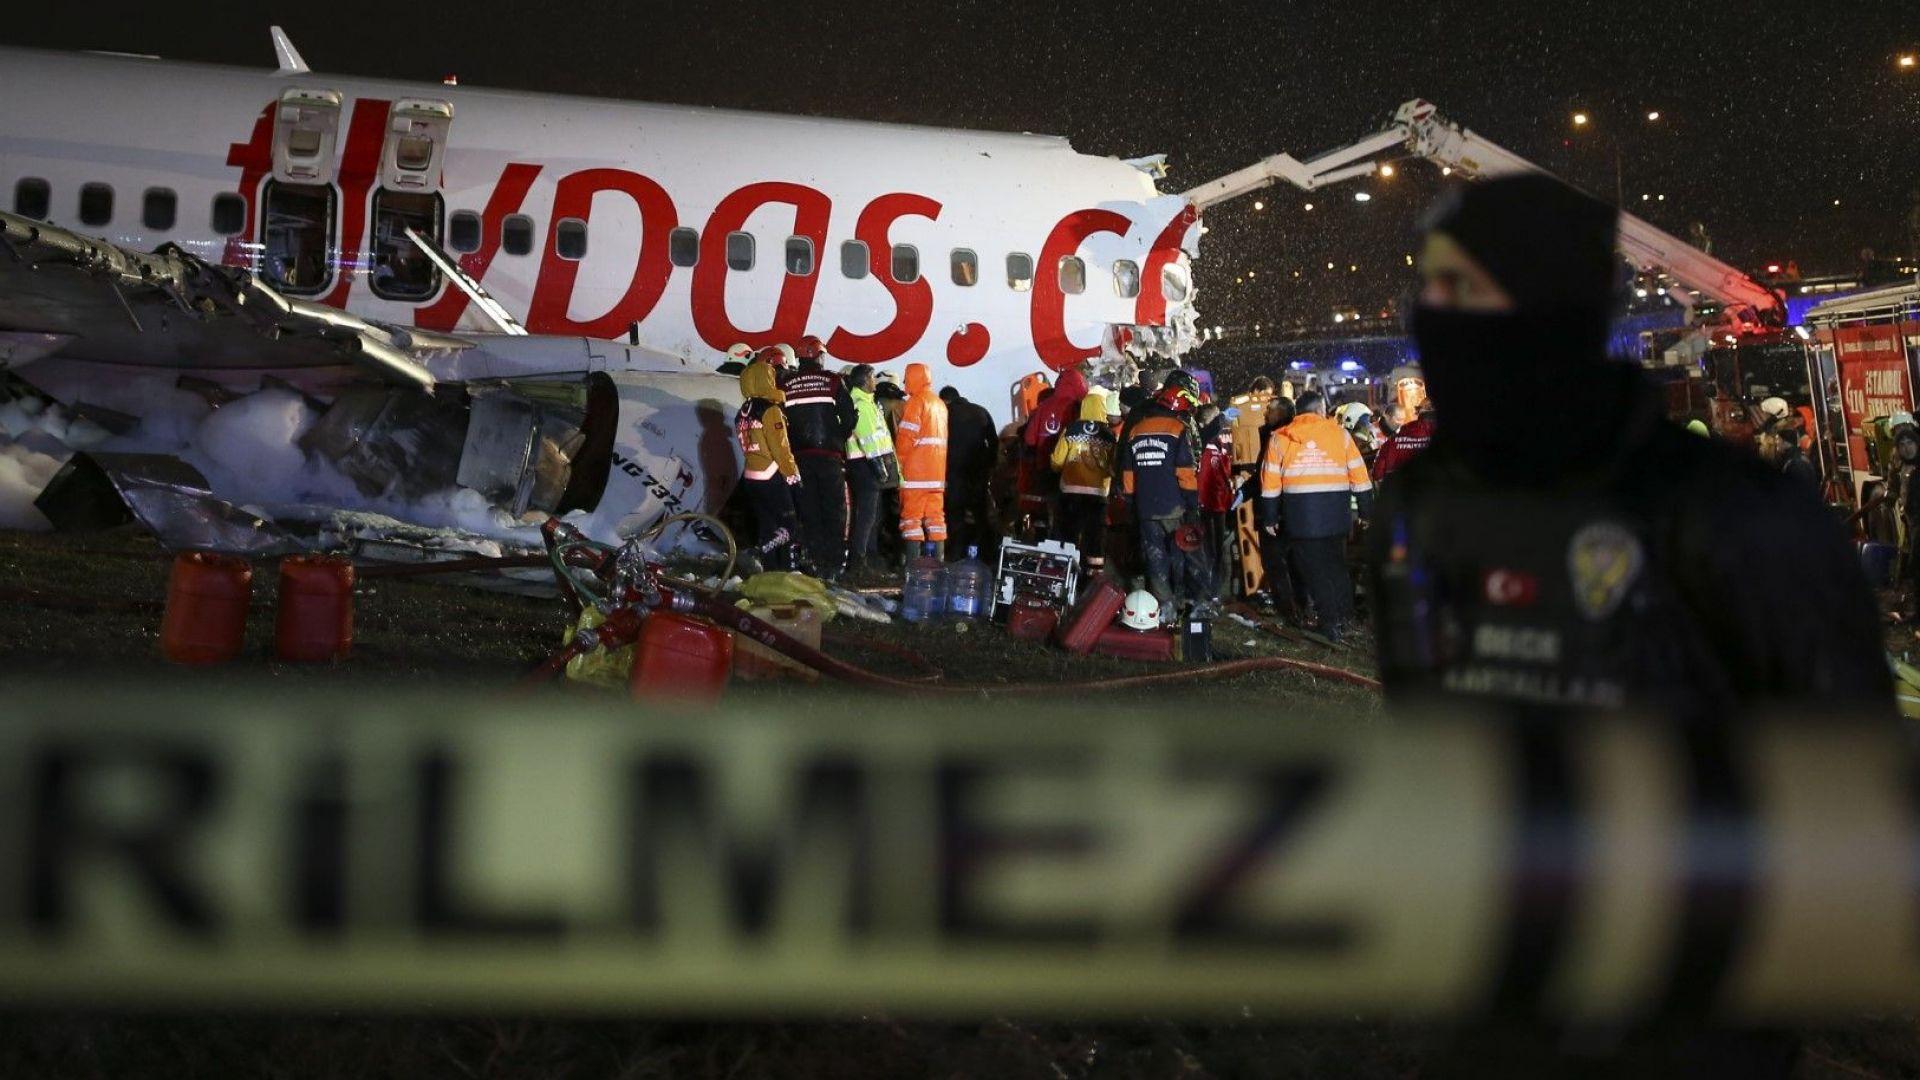 Турският министър на здравеопазването Фахреттин Коджа съобщи, че загиналите при